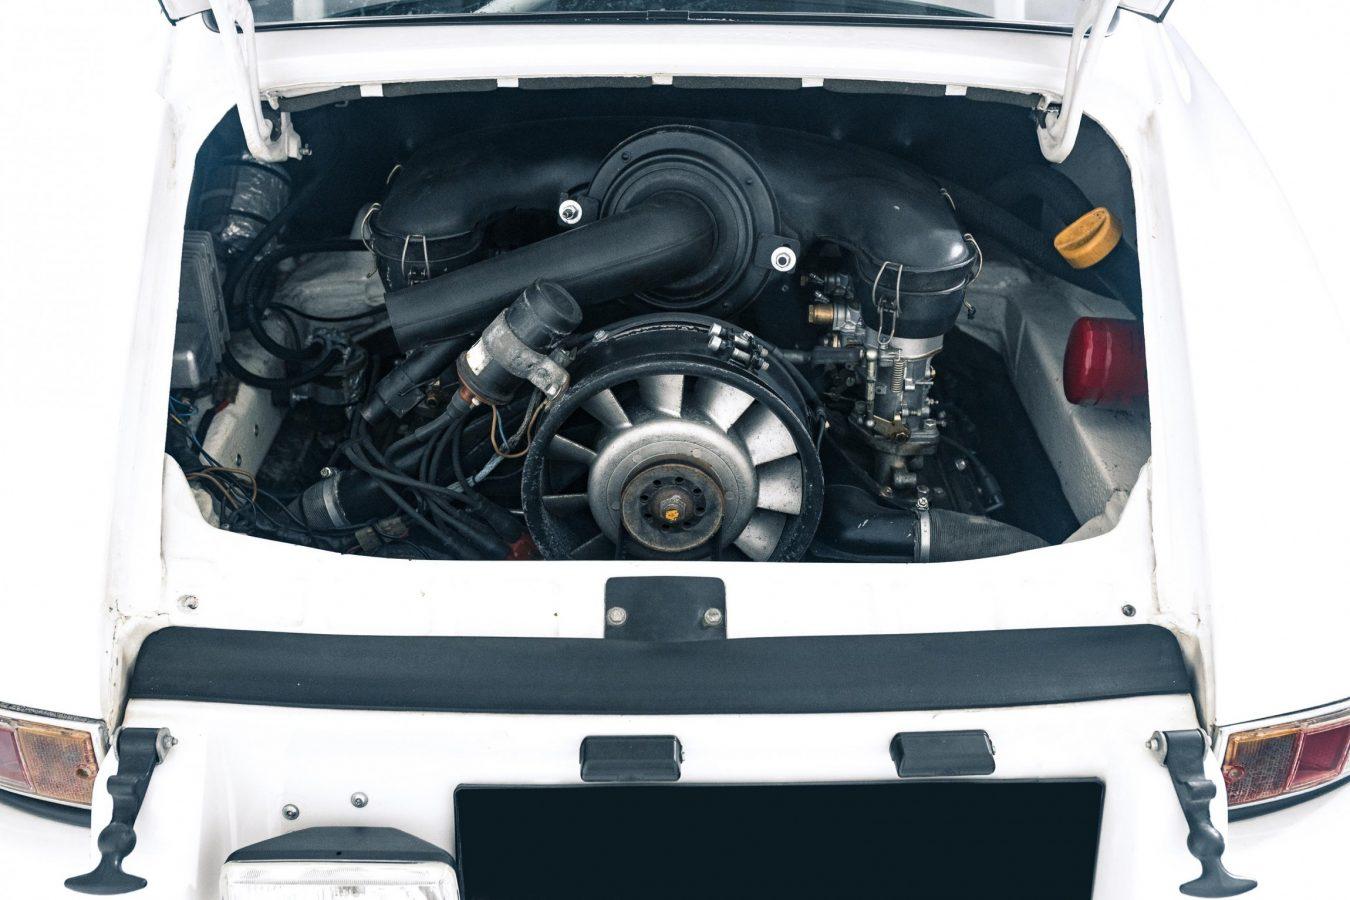 1976 Porsche 911 Rennfahrzeug 7